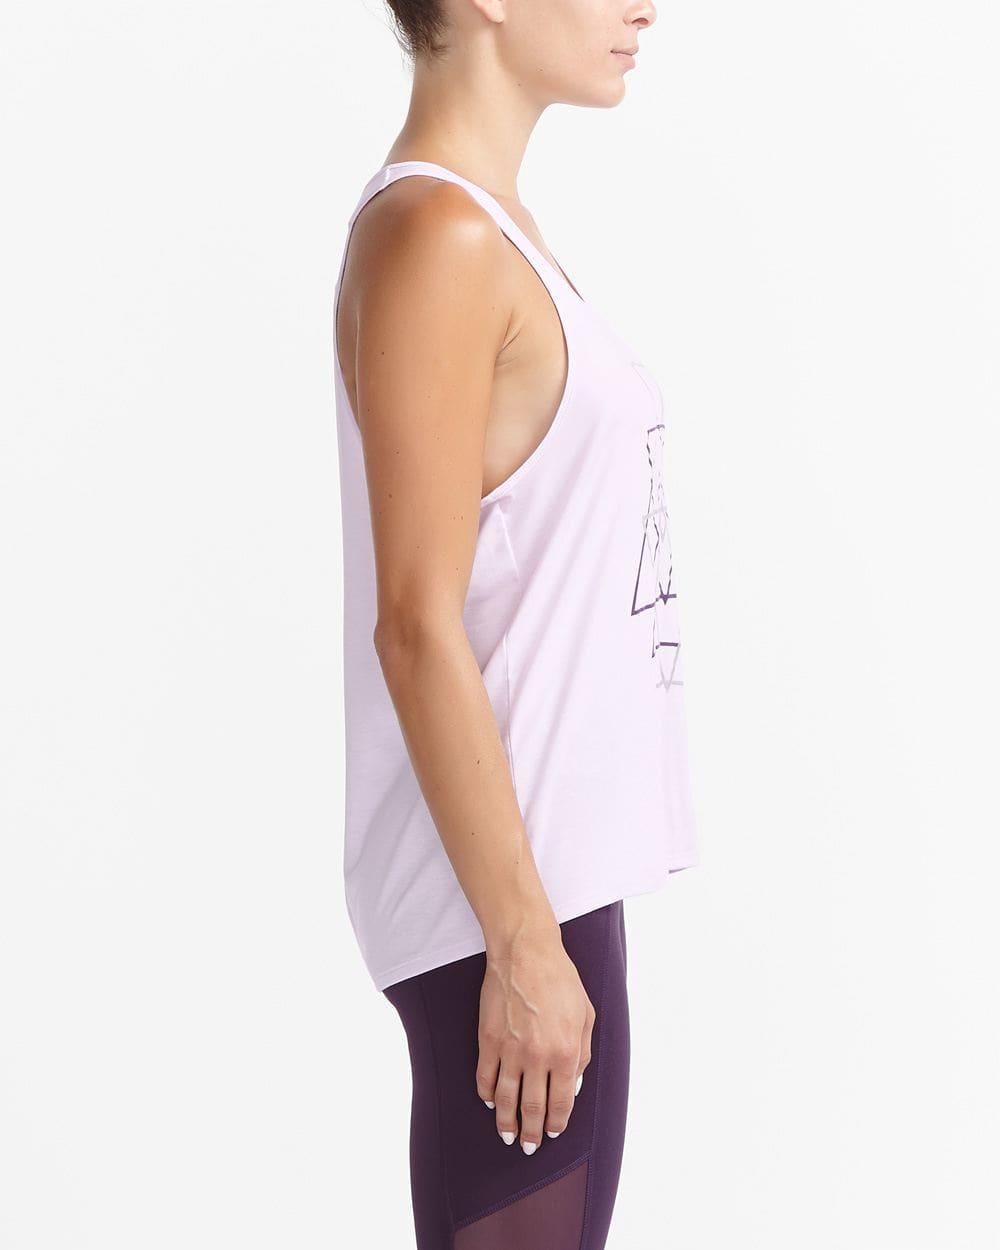 Hyba Graphic Yoga Tank Top